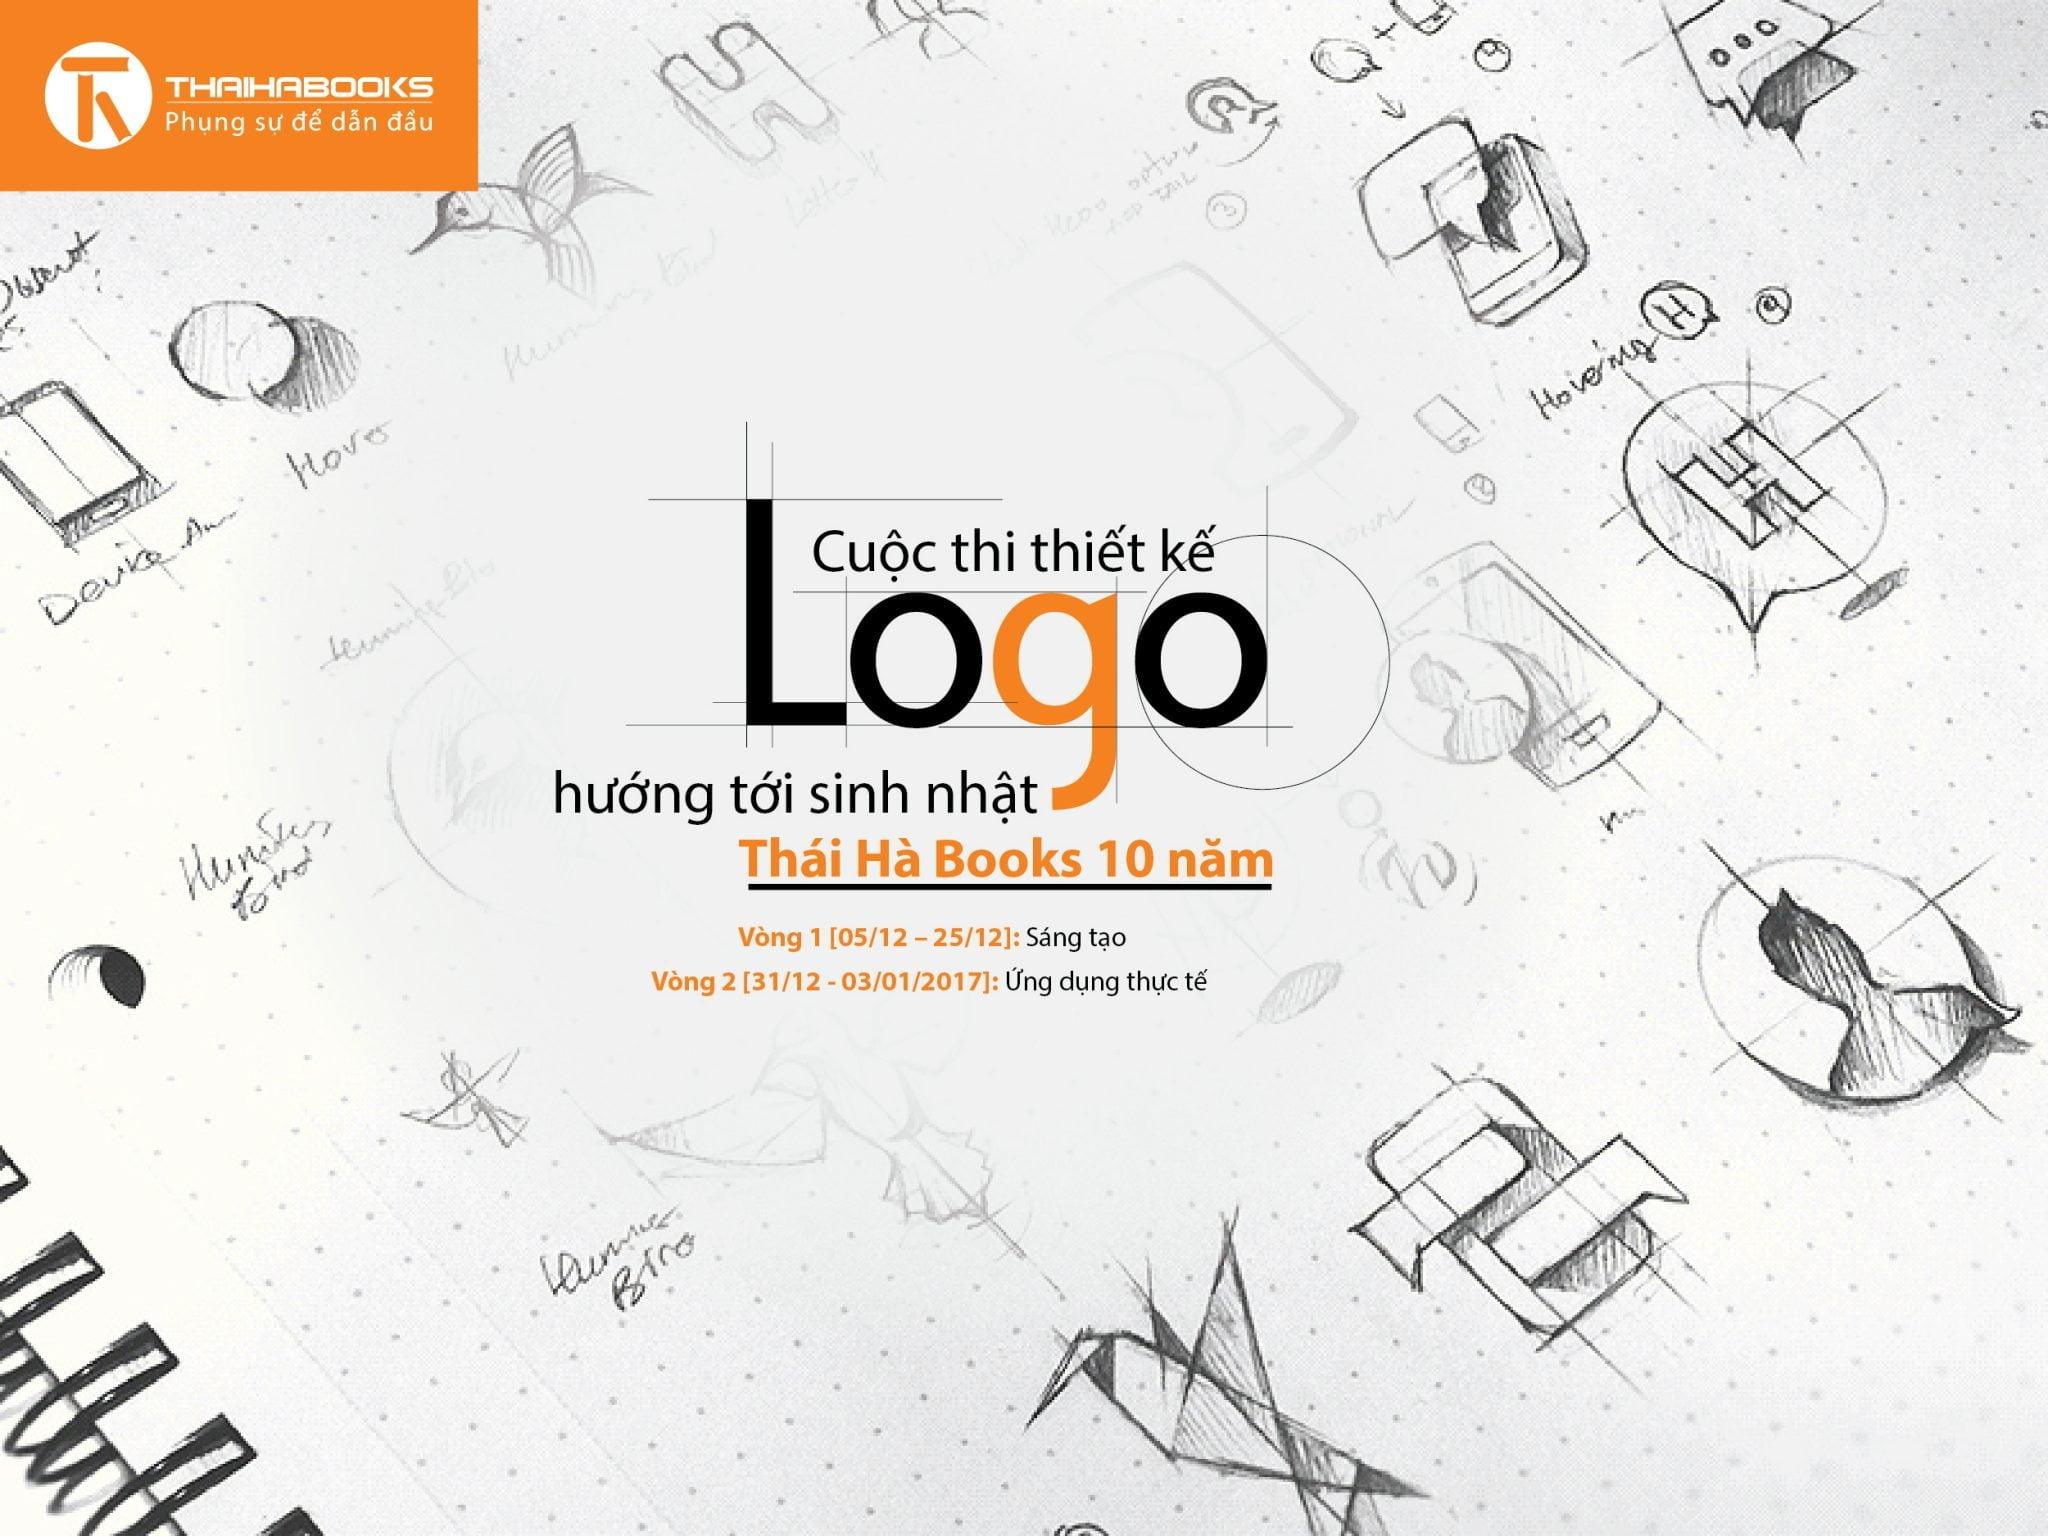 Cuoc thi thiet ke logo